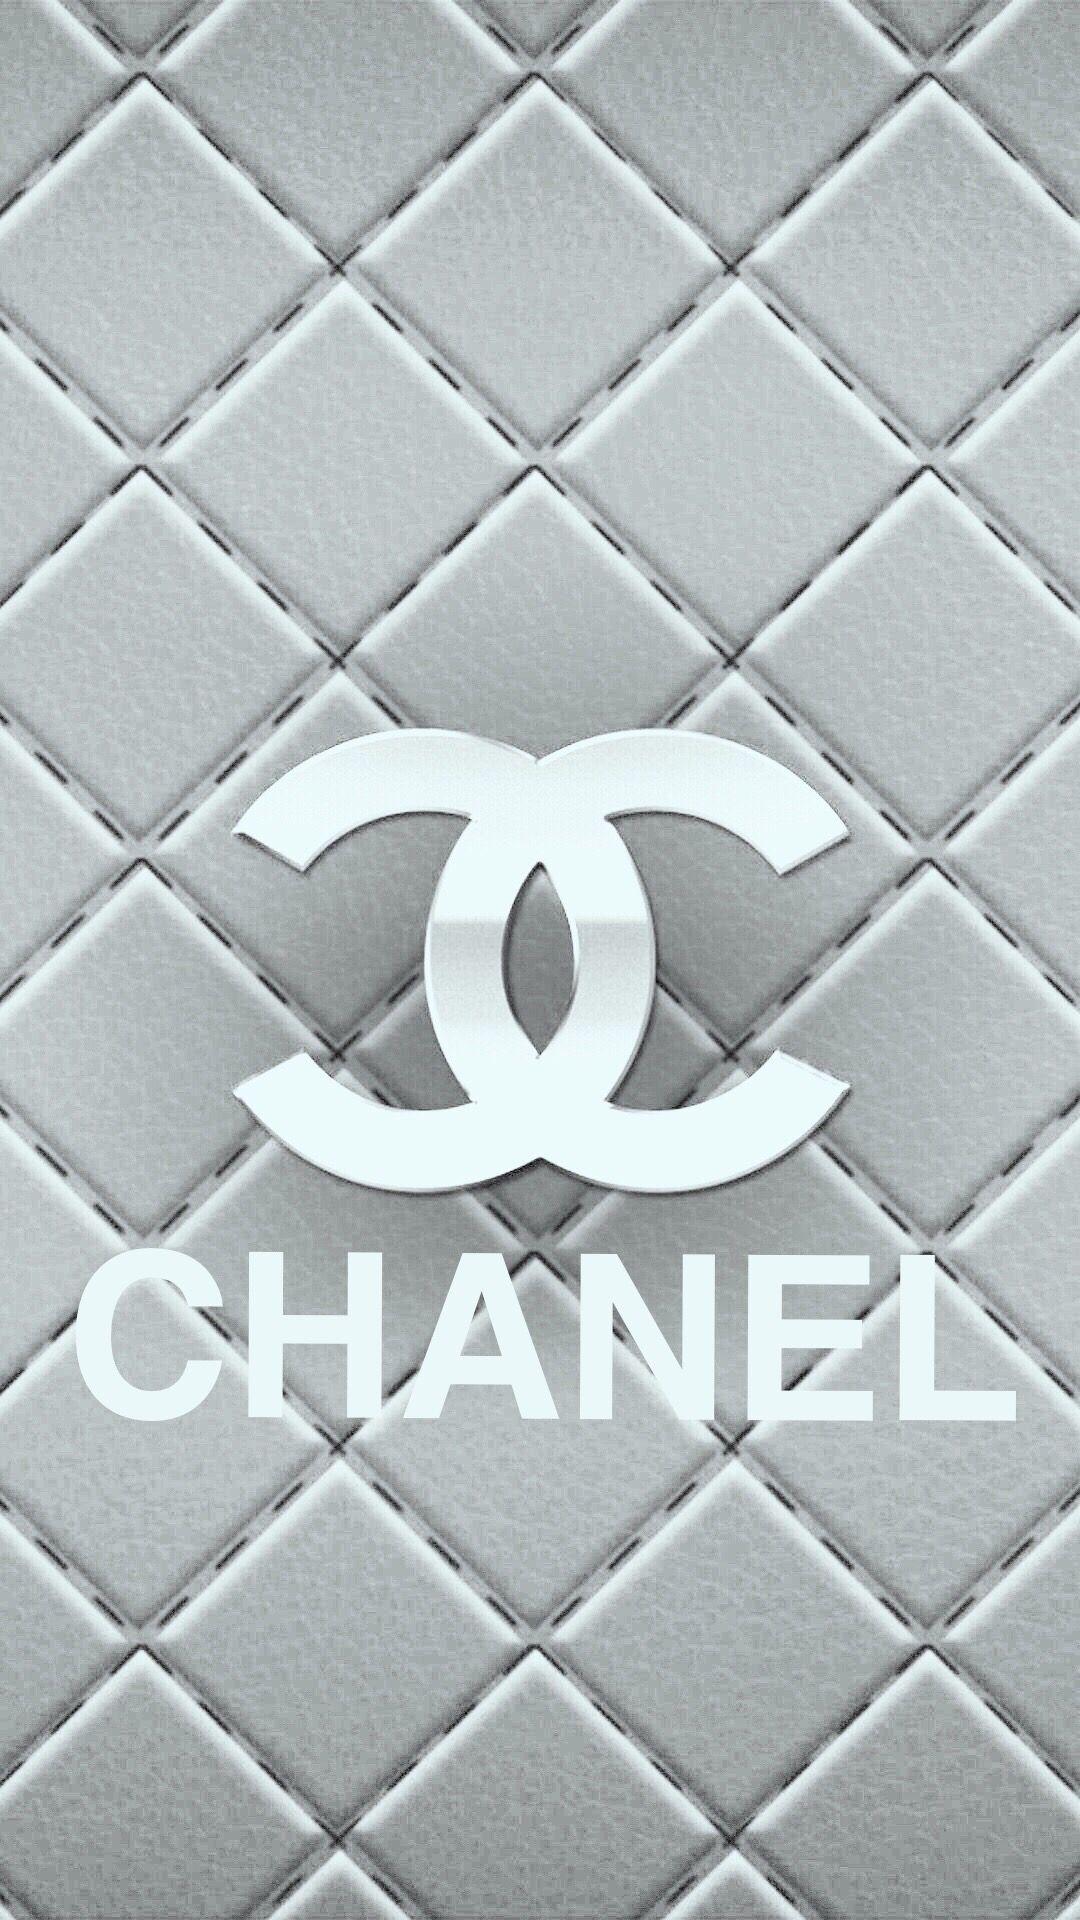 Chanel Wallpaper Iphone 6 Plus White 壁紙 スマホ壁紙